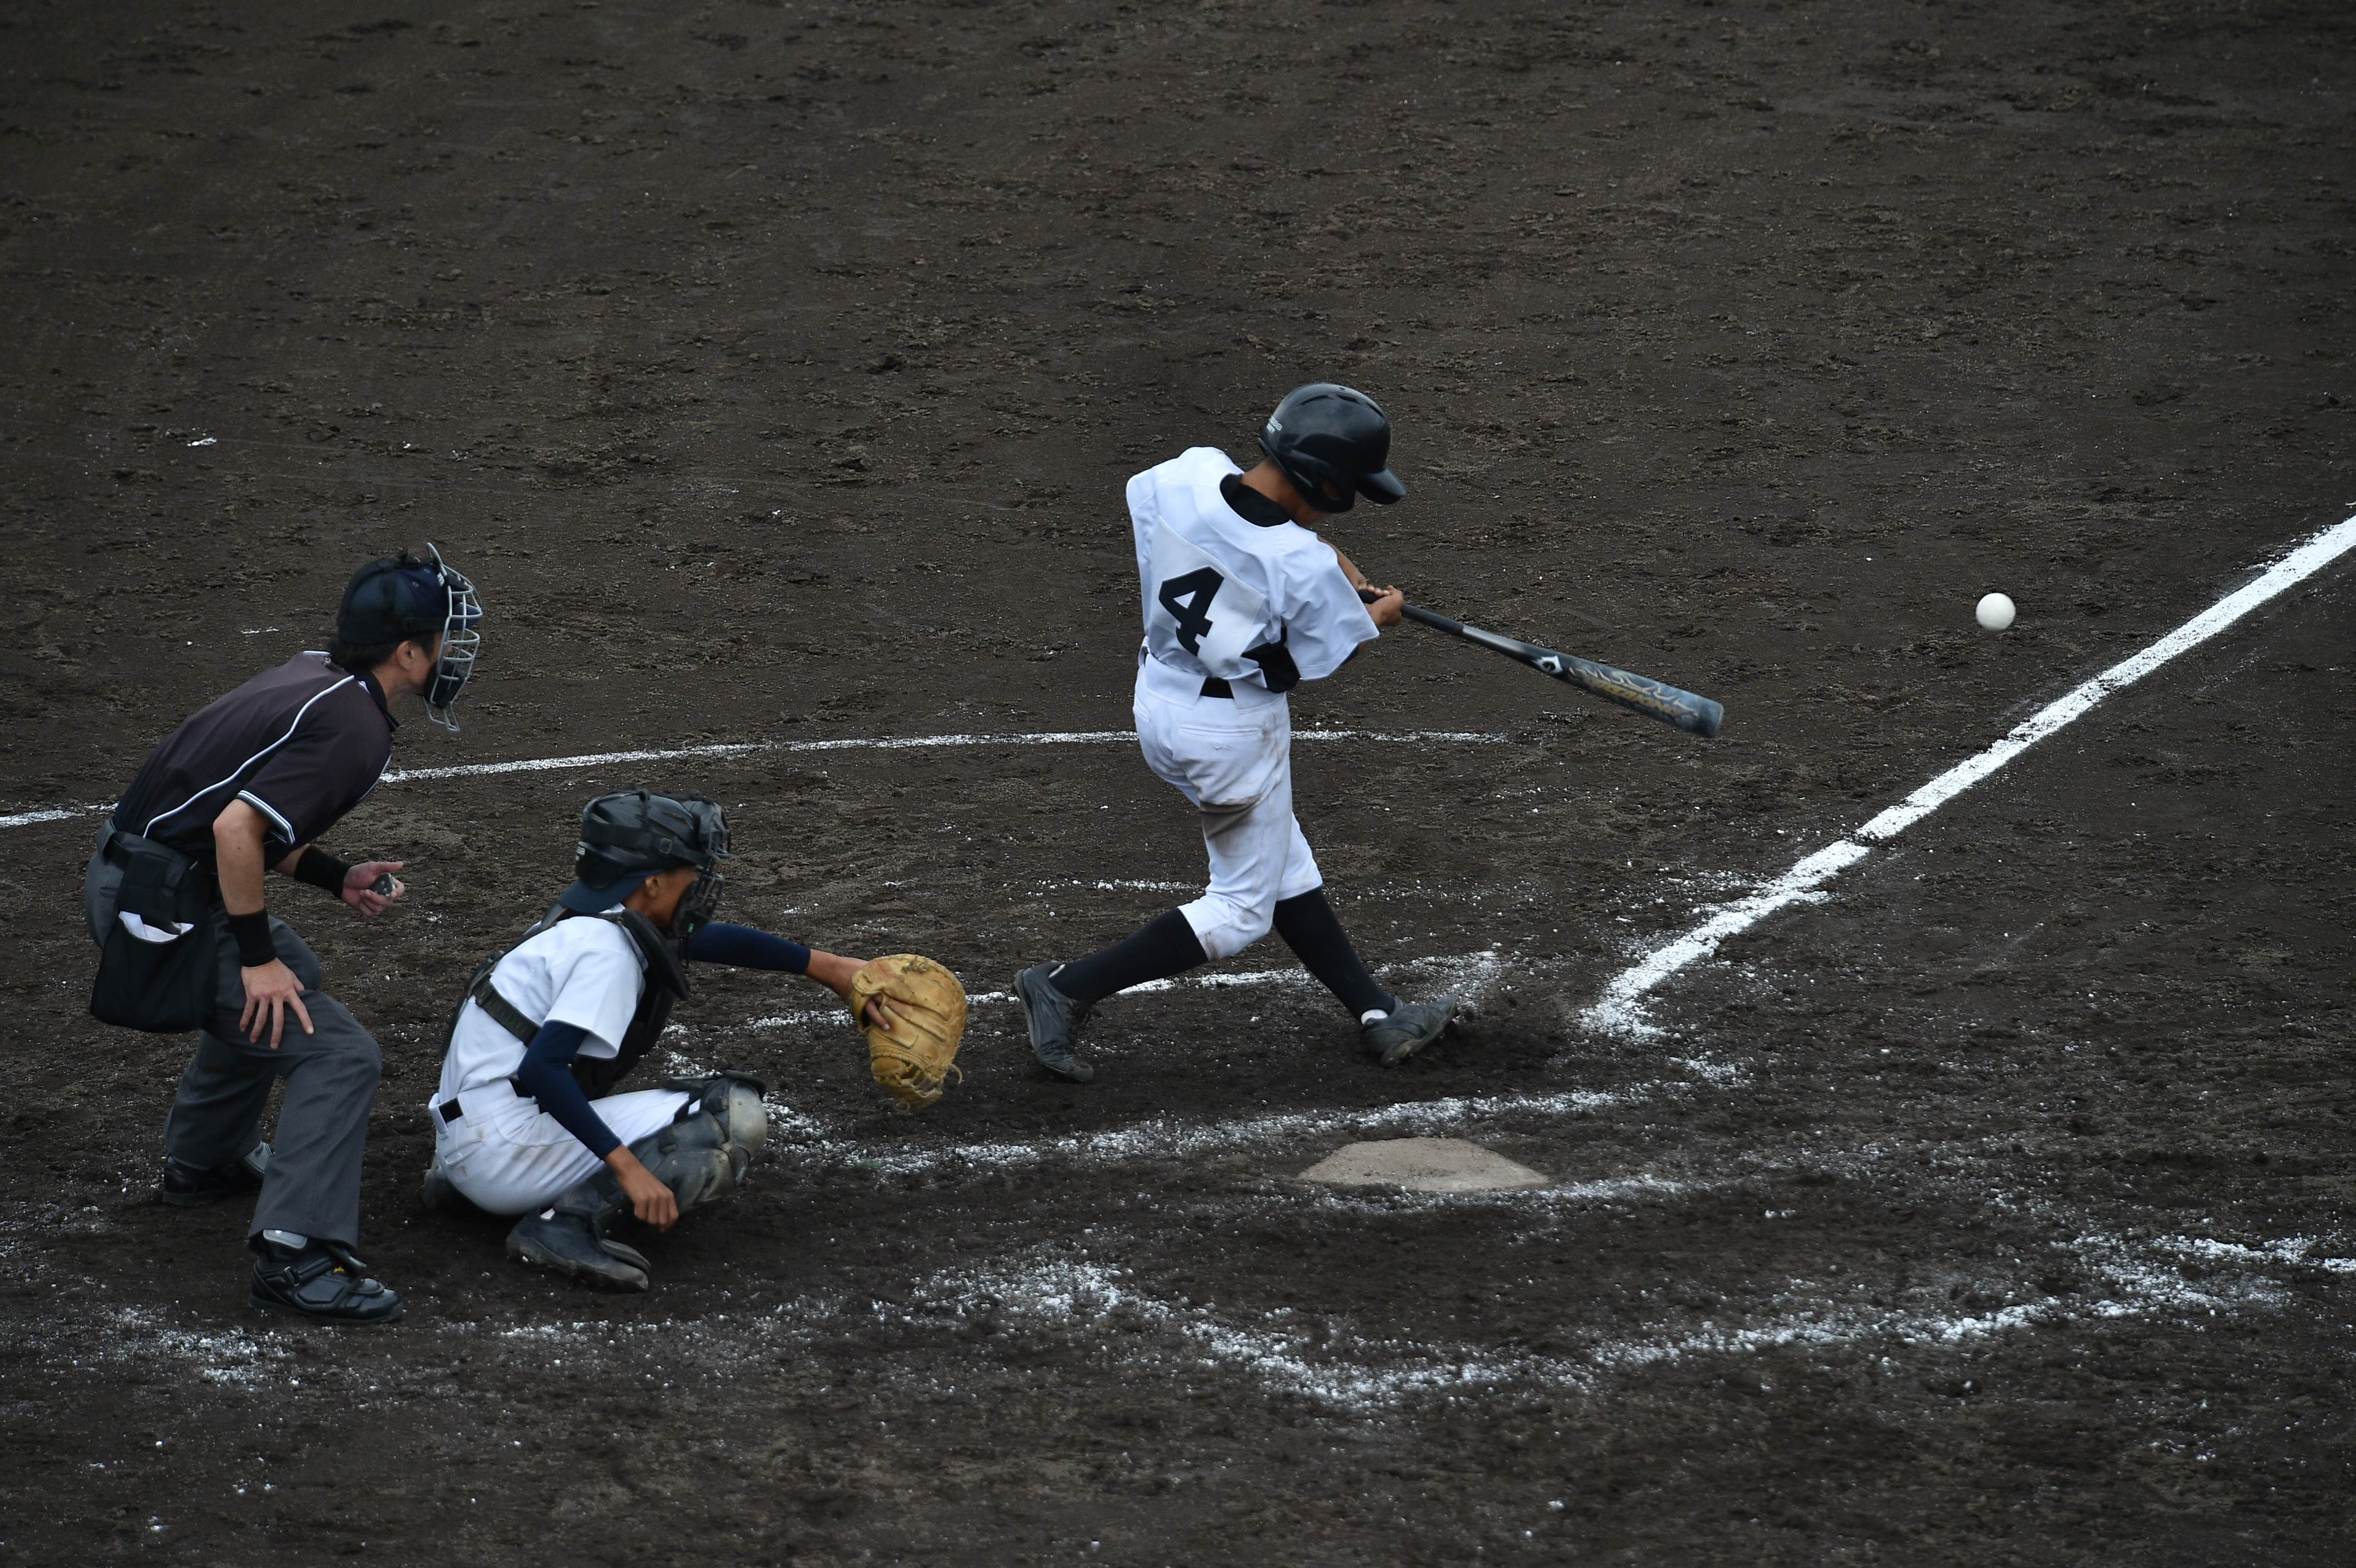 軟式野球 (370)